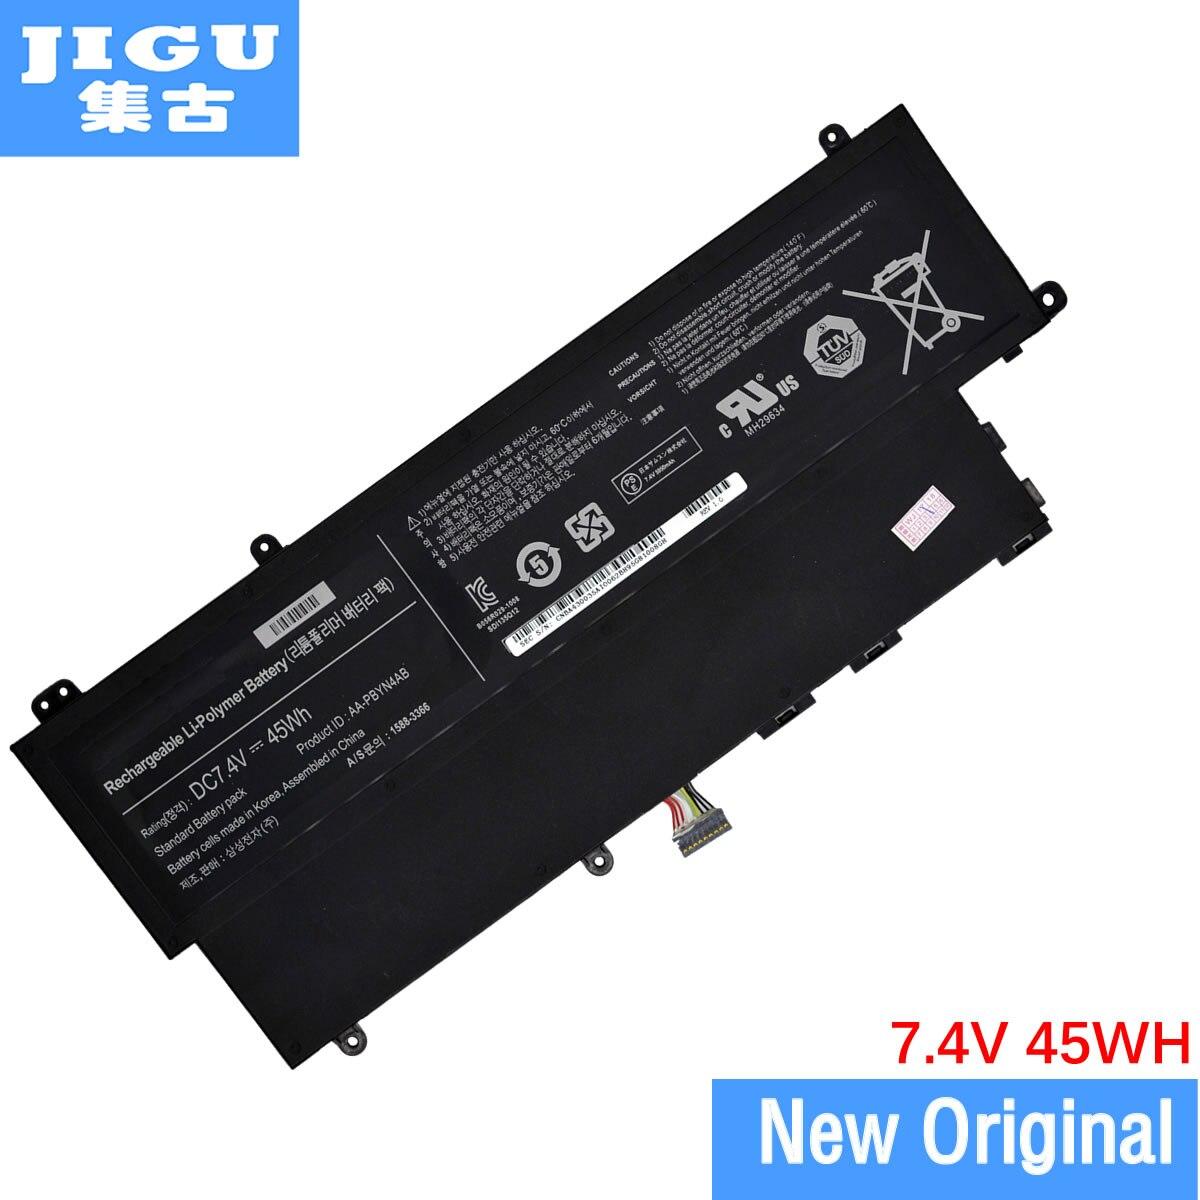 JIGU AA-PBYN4AB D'origine batterie d'ordinateur portable Pour SAMSUNG 530U3 530U3B 530U3C NP530U3C PBYN4AB Batteries 7.4 V 45WH